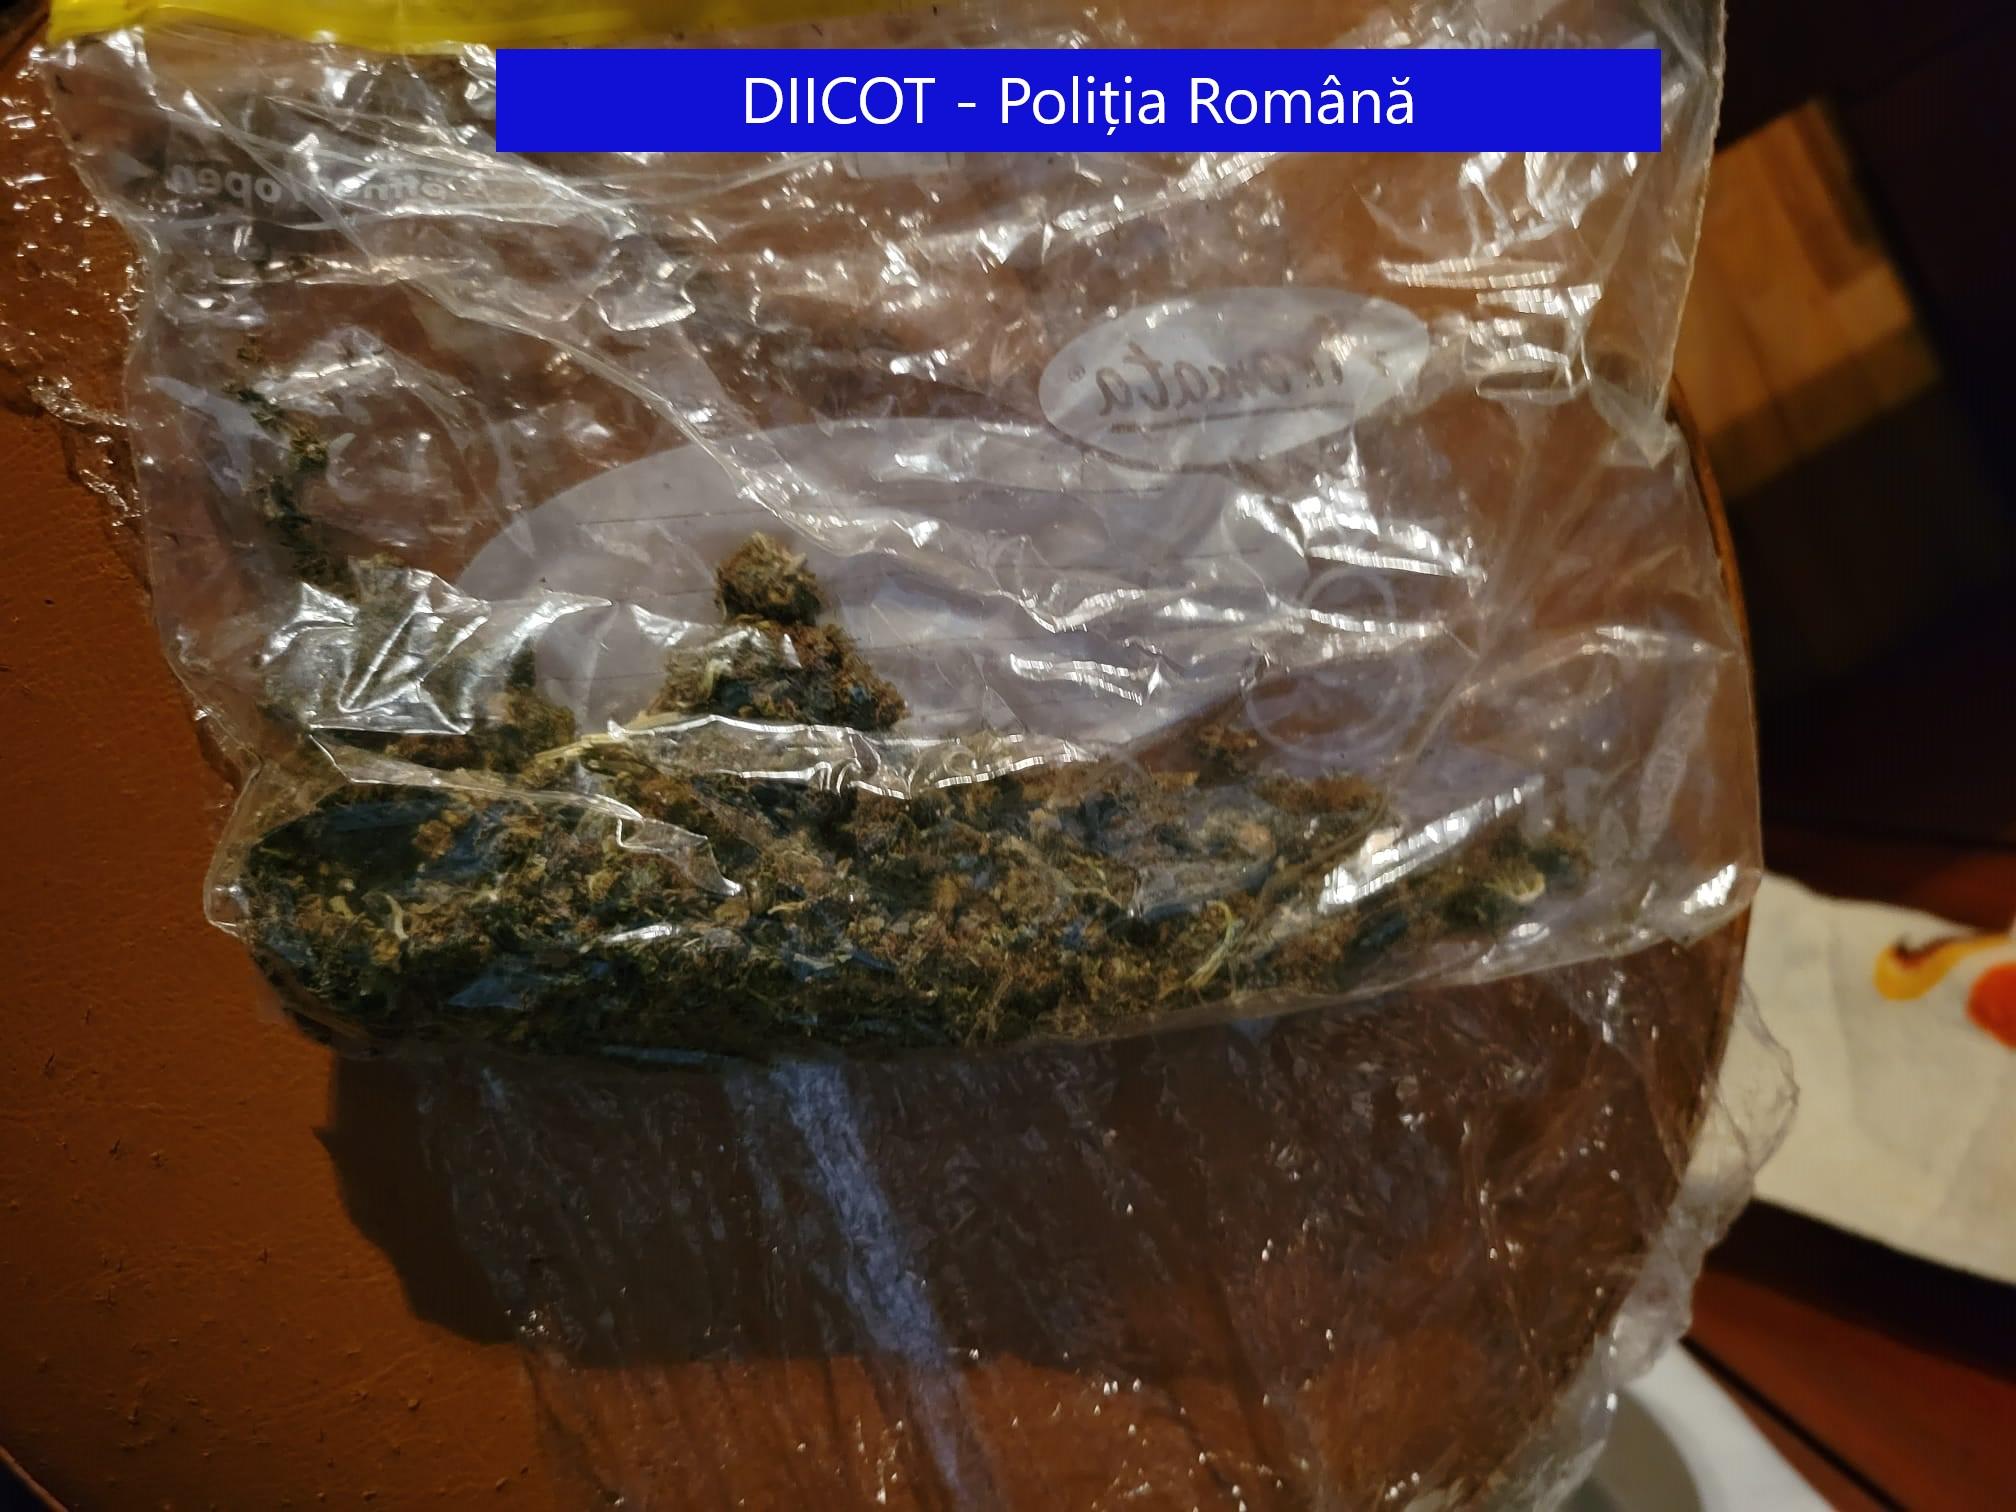 5 indivizi arestați de Tribunalul Tulcea, după ce au comercializat cannabis pe raza județului Tulcea